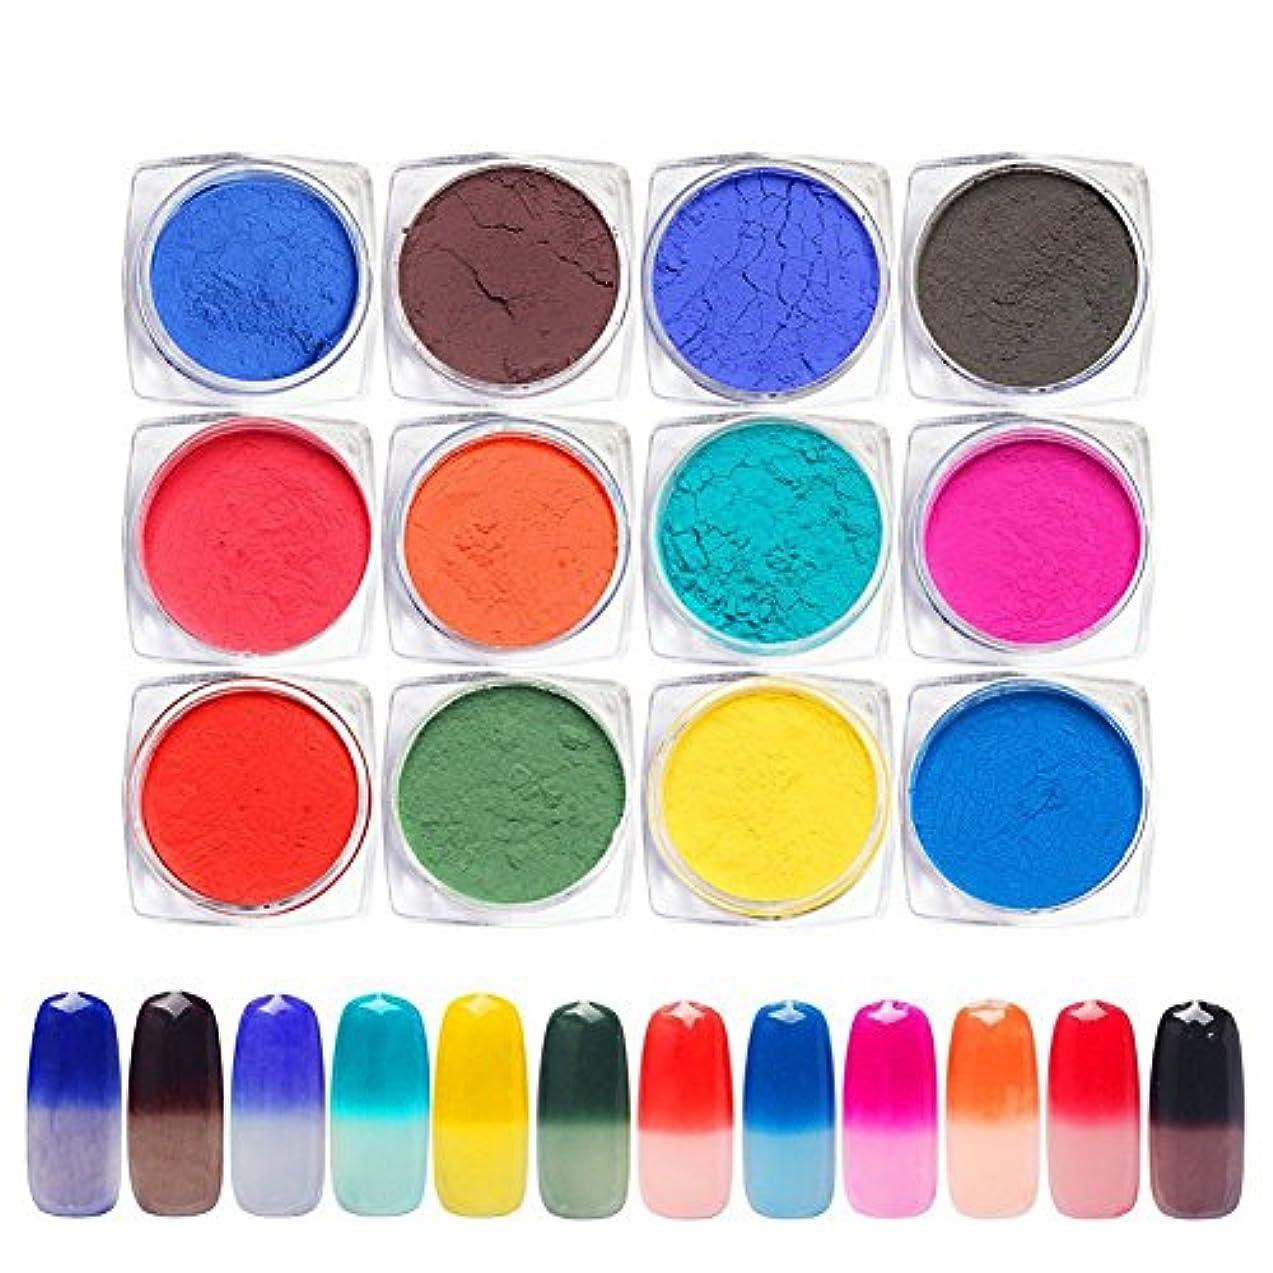 解くジャンク増強12色セット 変色パウダー温度により色が変わりるネイルパウダーネイルアートネイルデザインネイルデコアクセサリー